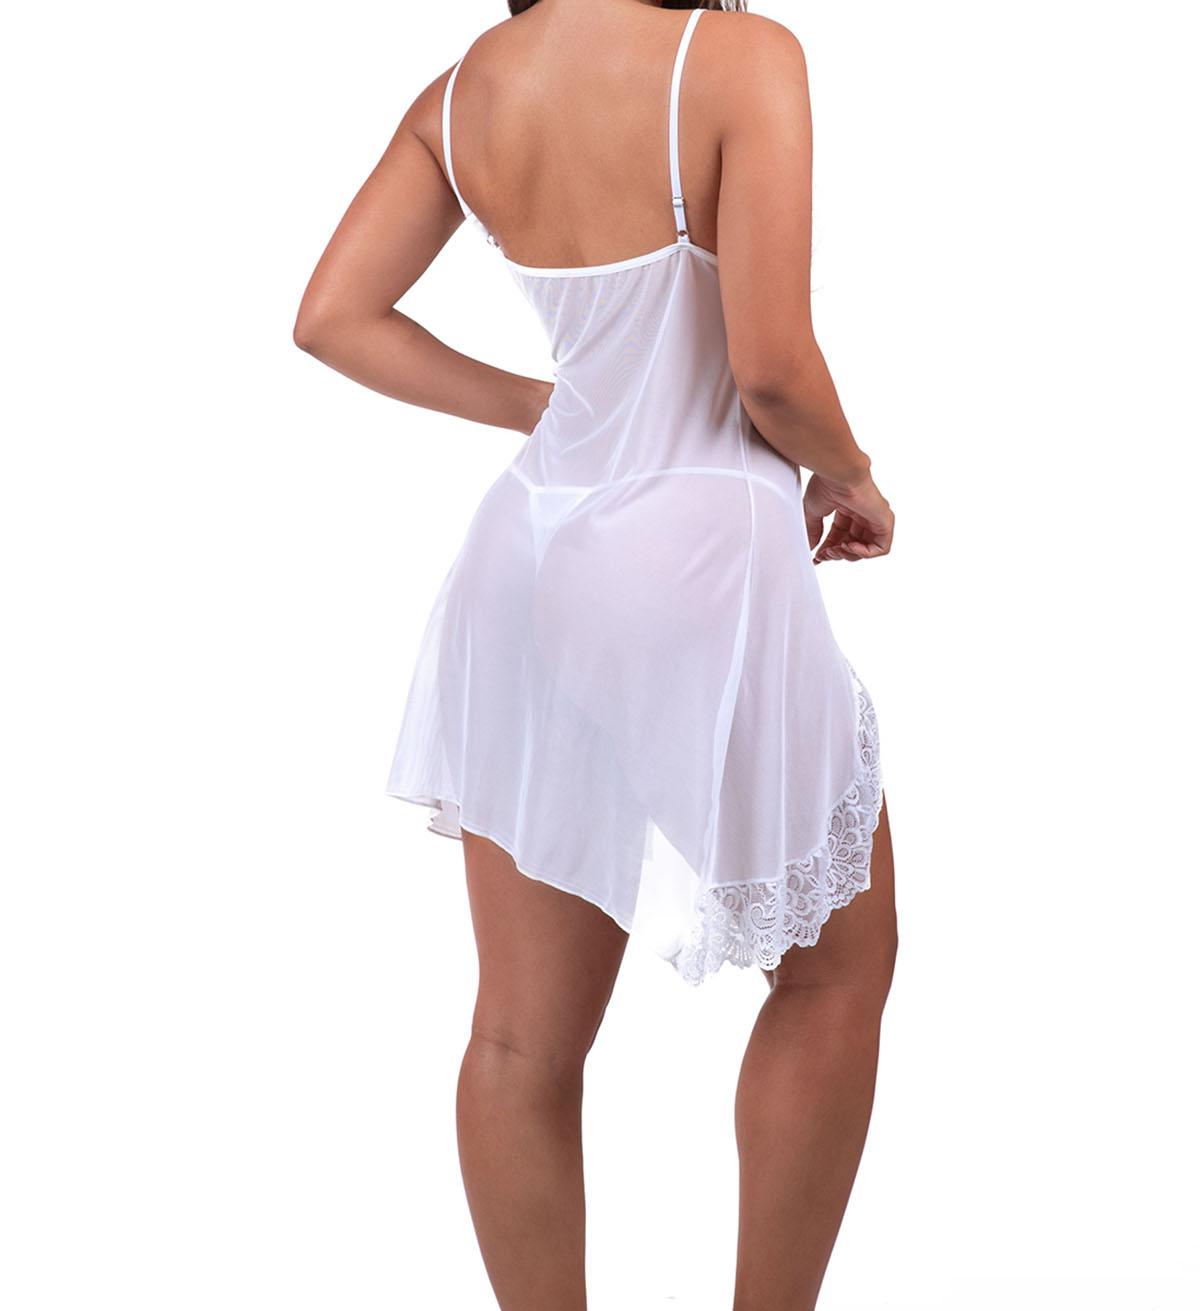 Camisola Transparente Em Tule E Renda + Calcinha Sexy